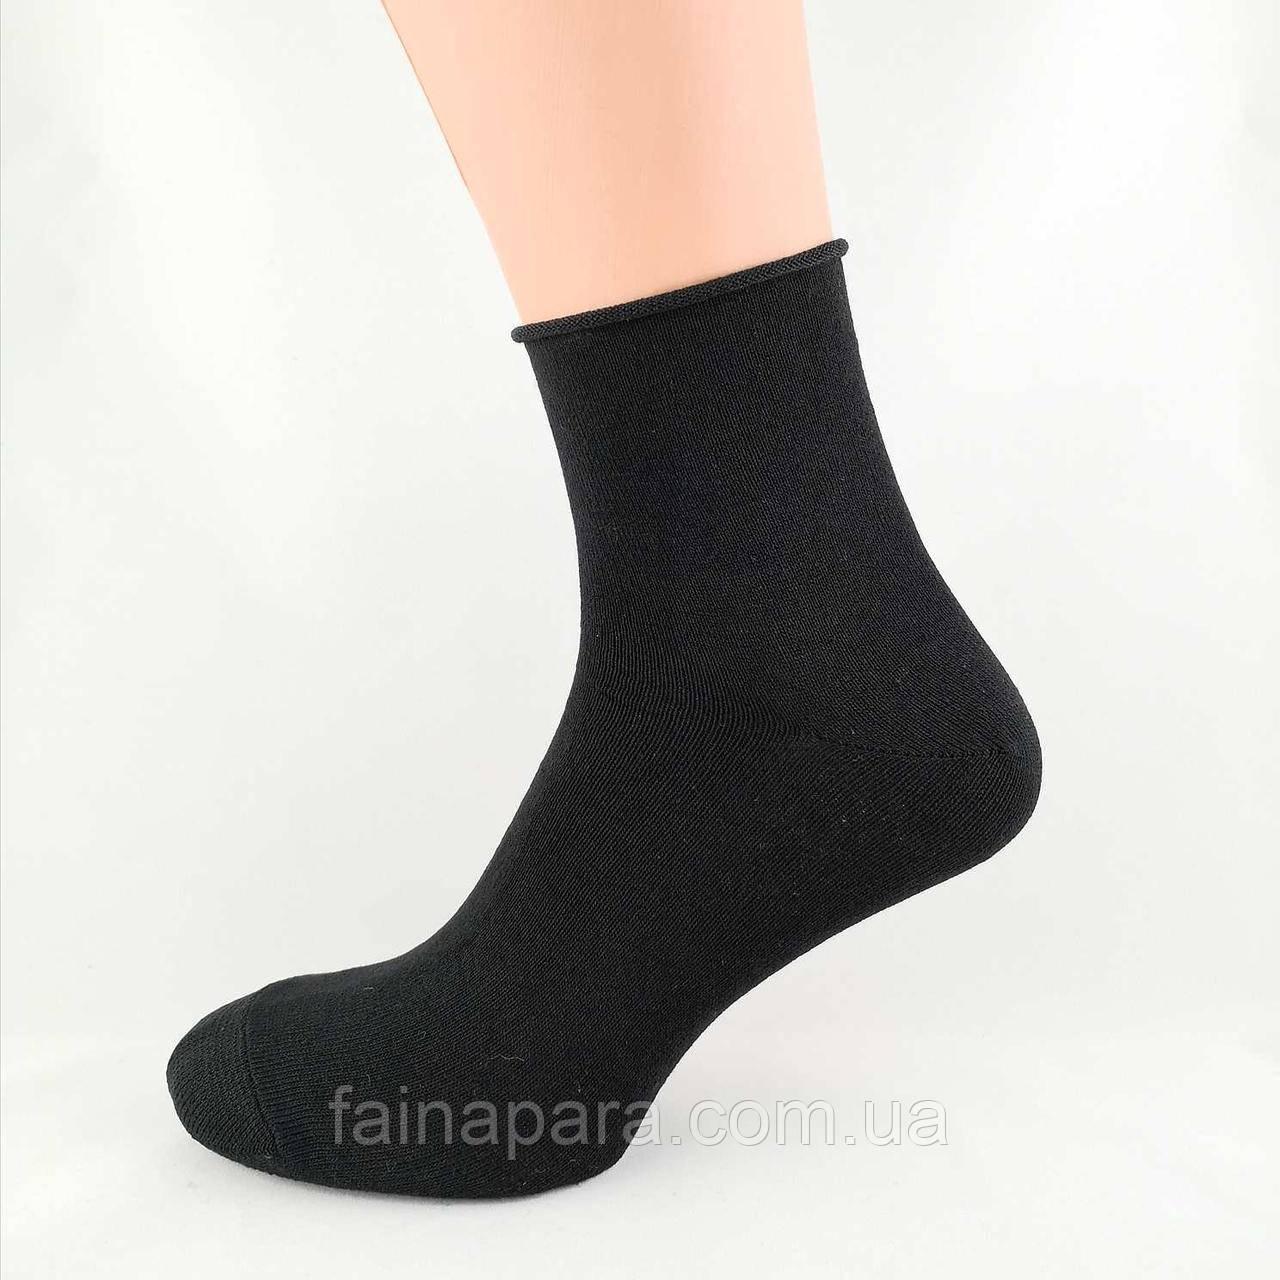 Мужские хлопковые носки без резинки Житомир средние